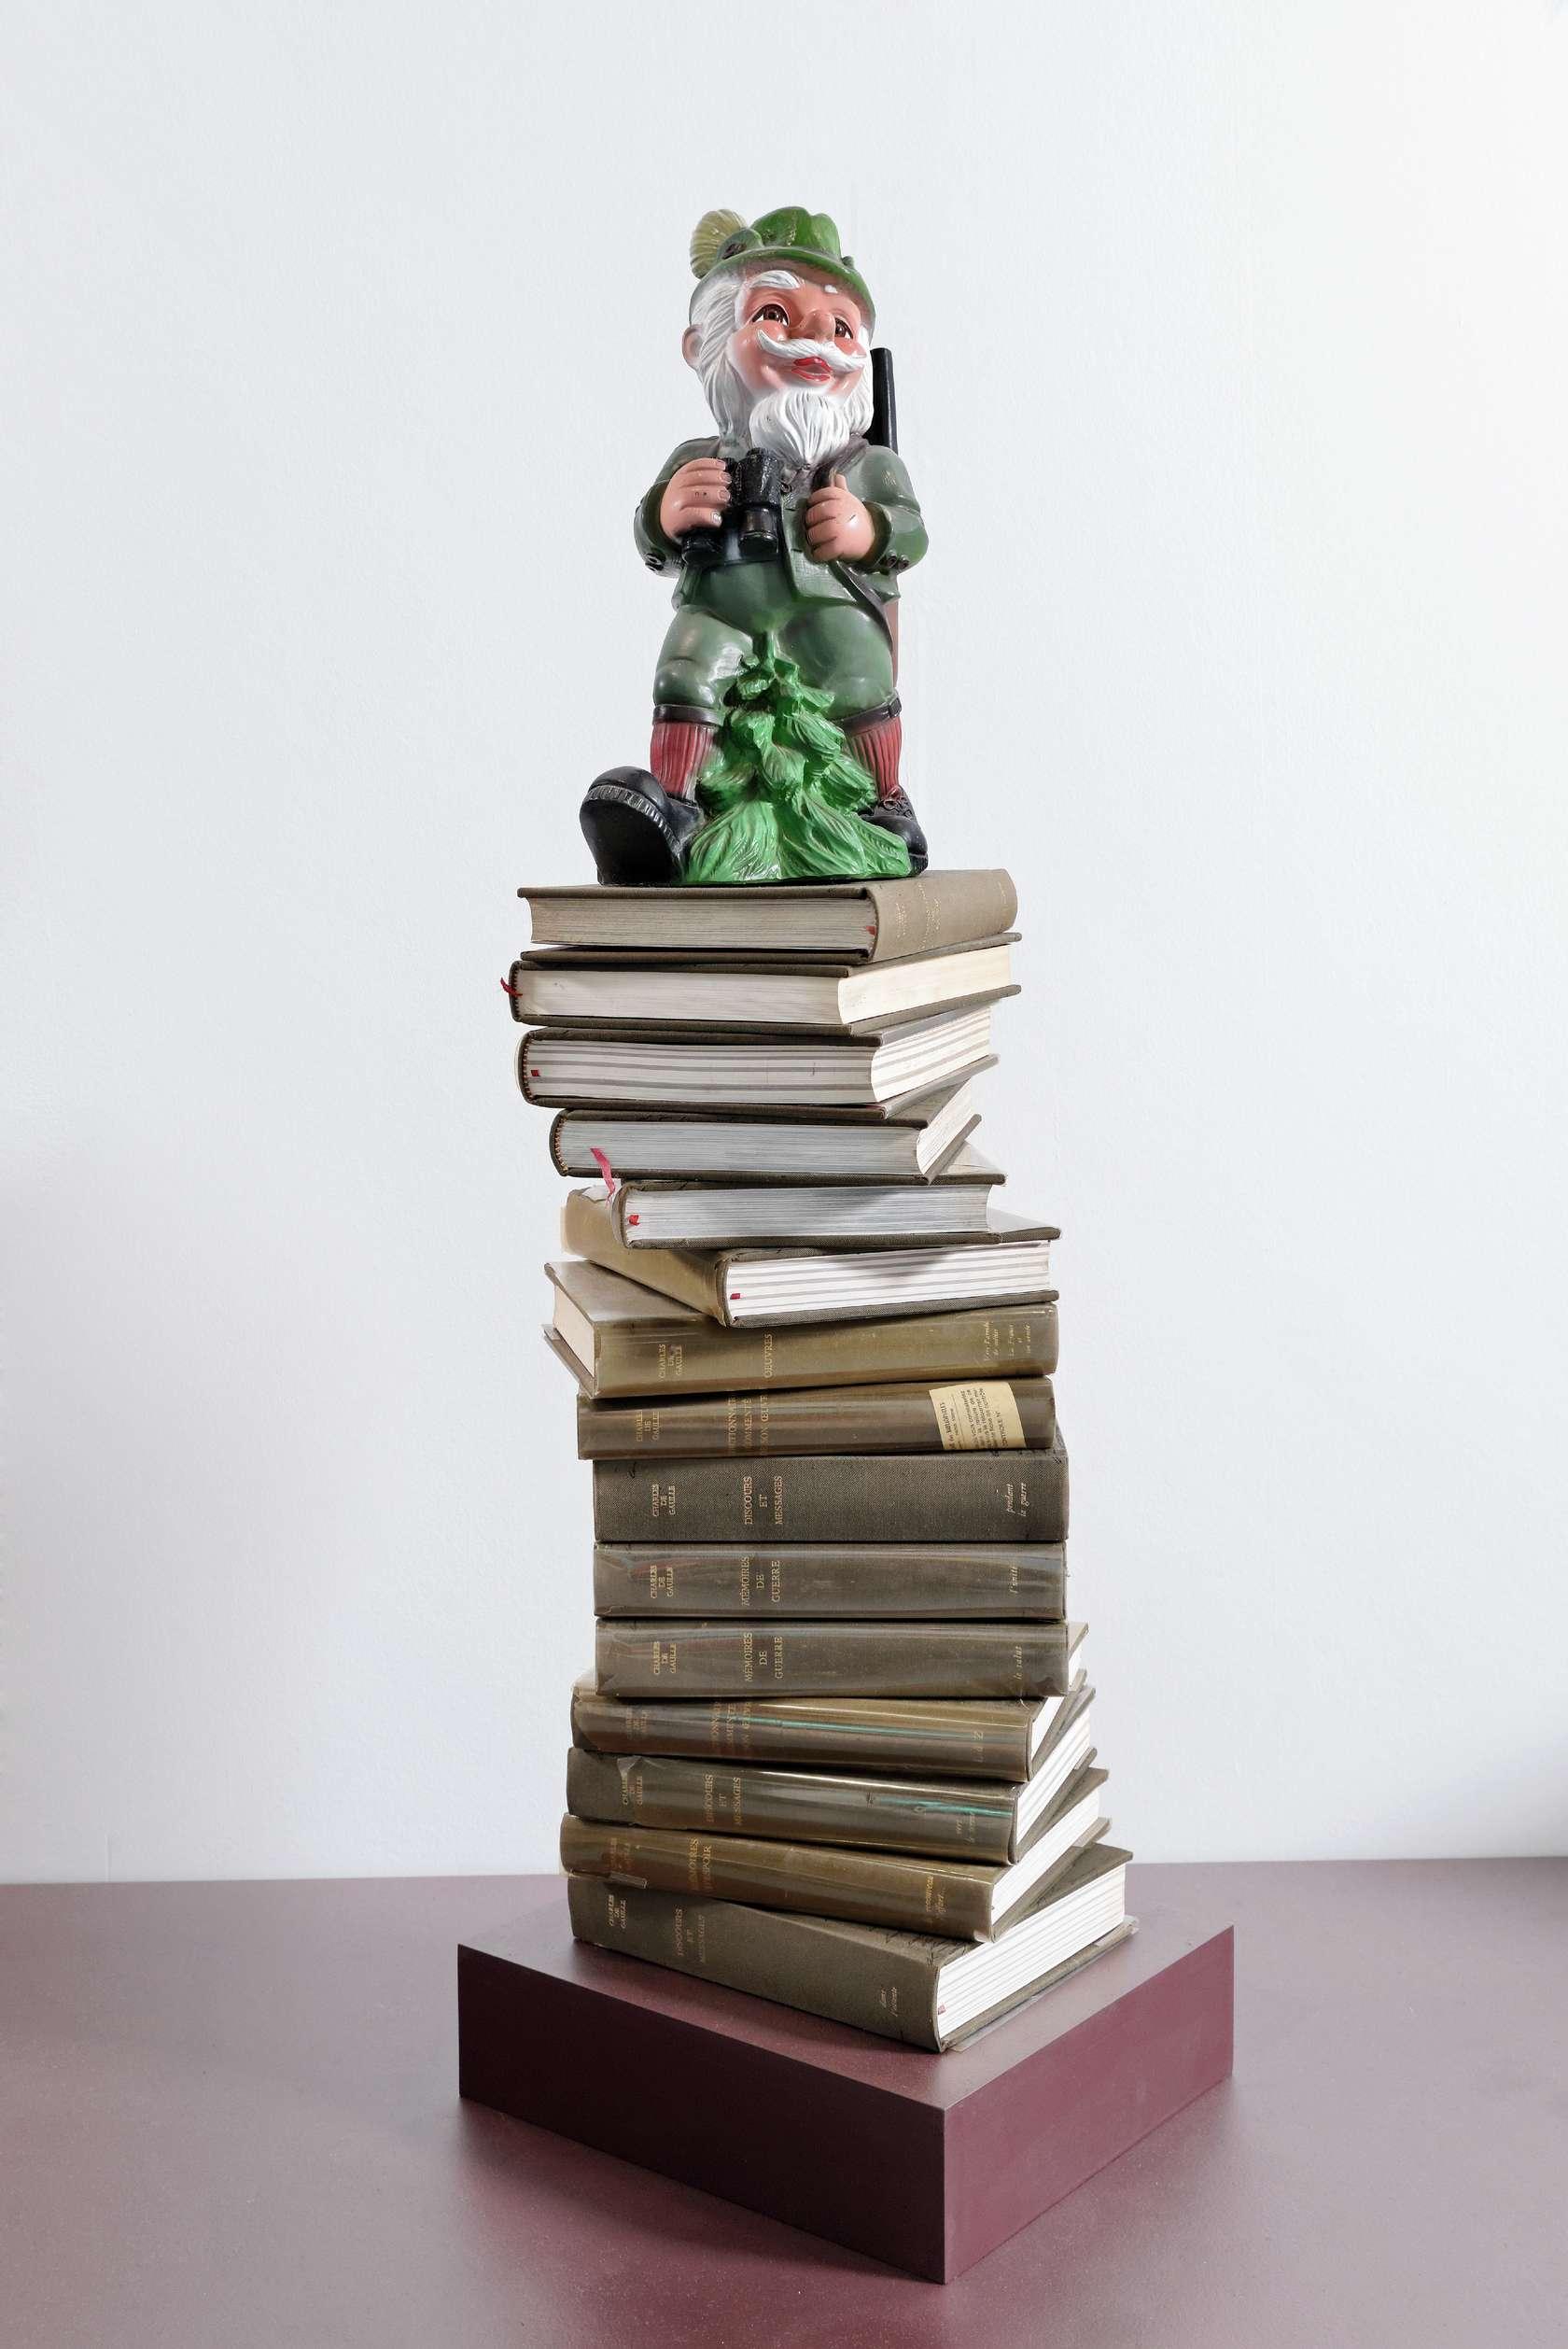 Présence Panchounette, Guerre et paix ou Le grand défi, 1985 Nain en plastique et 15 livres120 x 28.5 x 28.5 cm / 47 2/8 x 11 2/8 x 11 2/8 inches